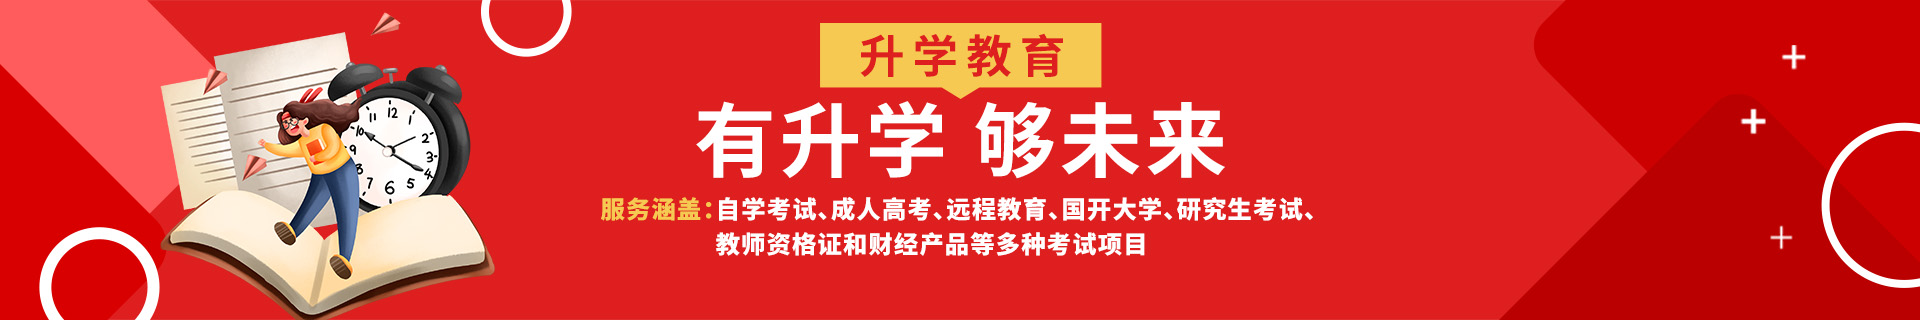 深圳宝安区升学教育